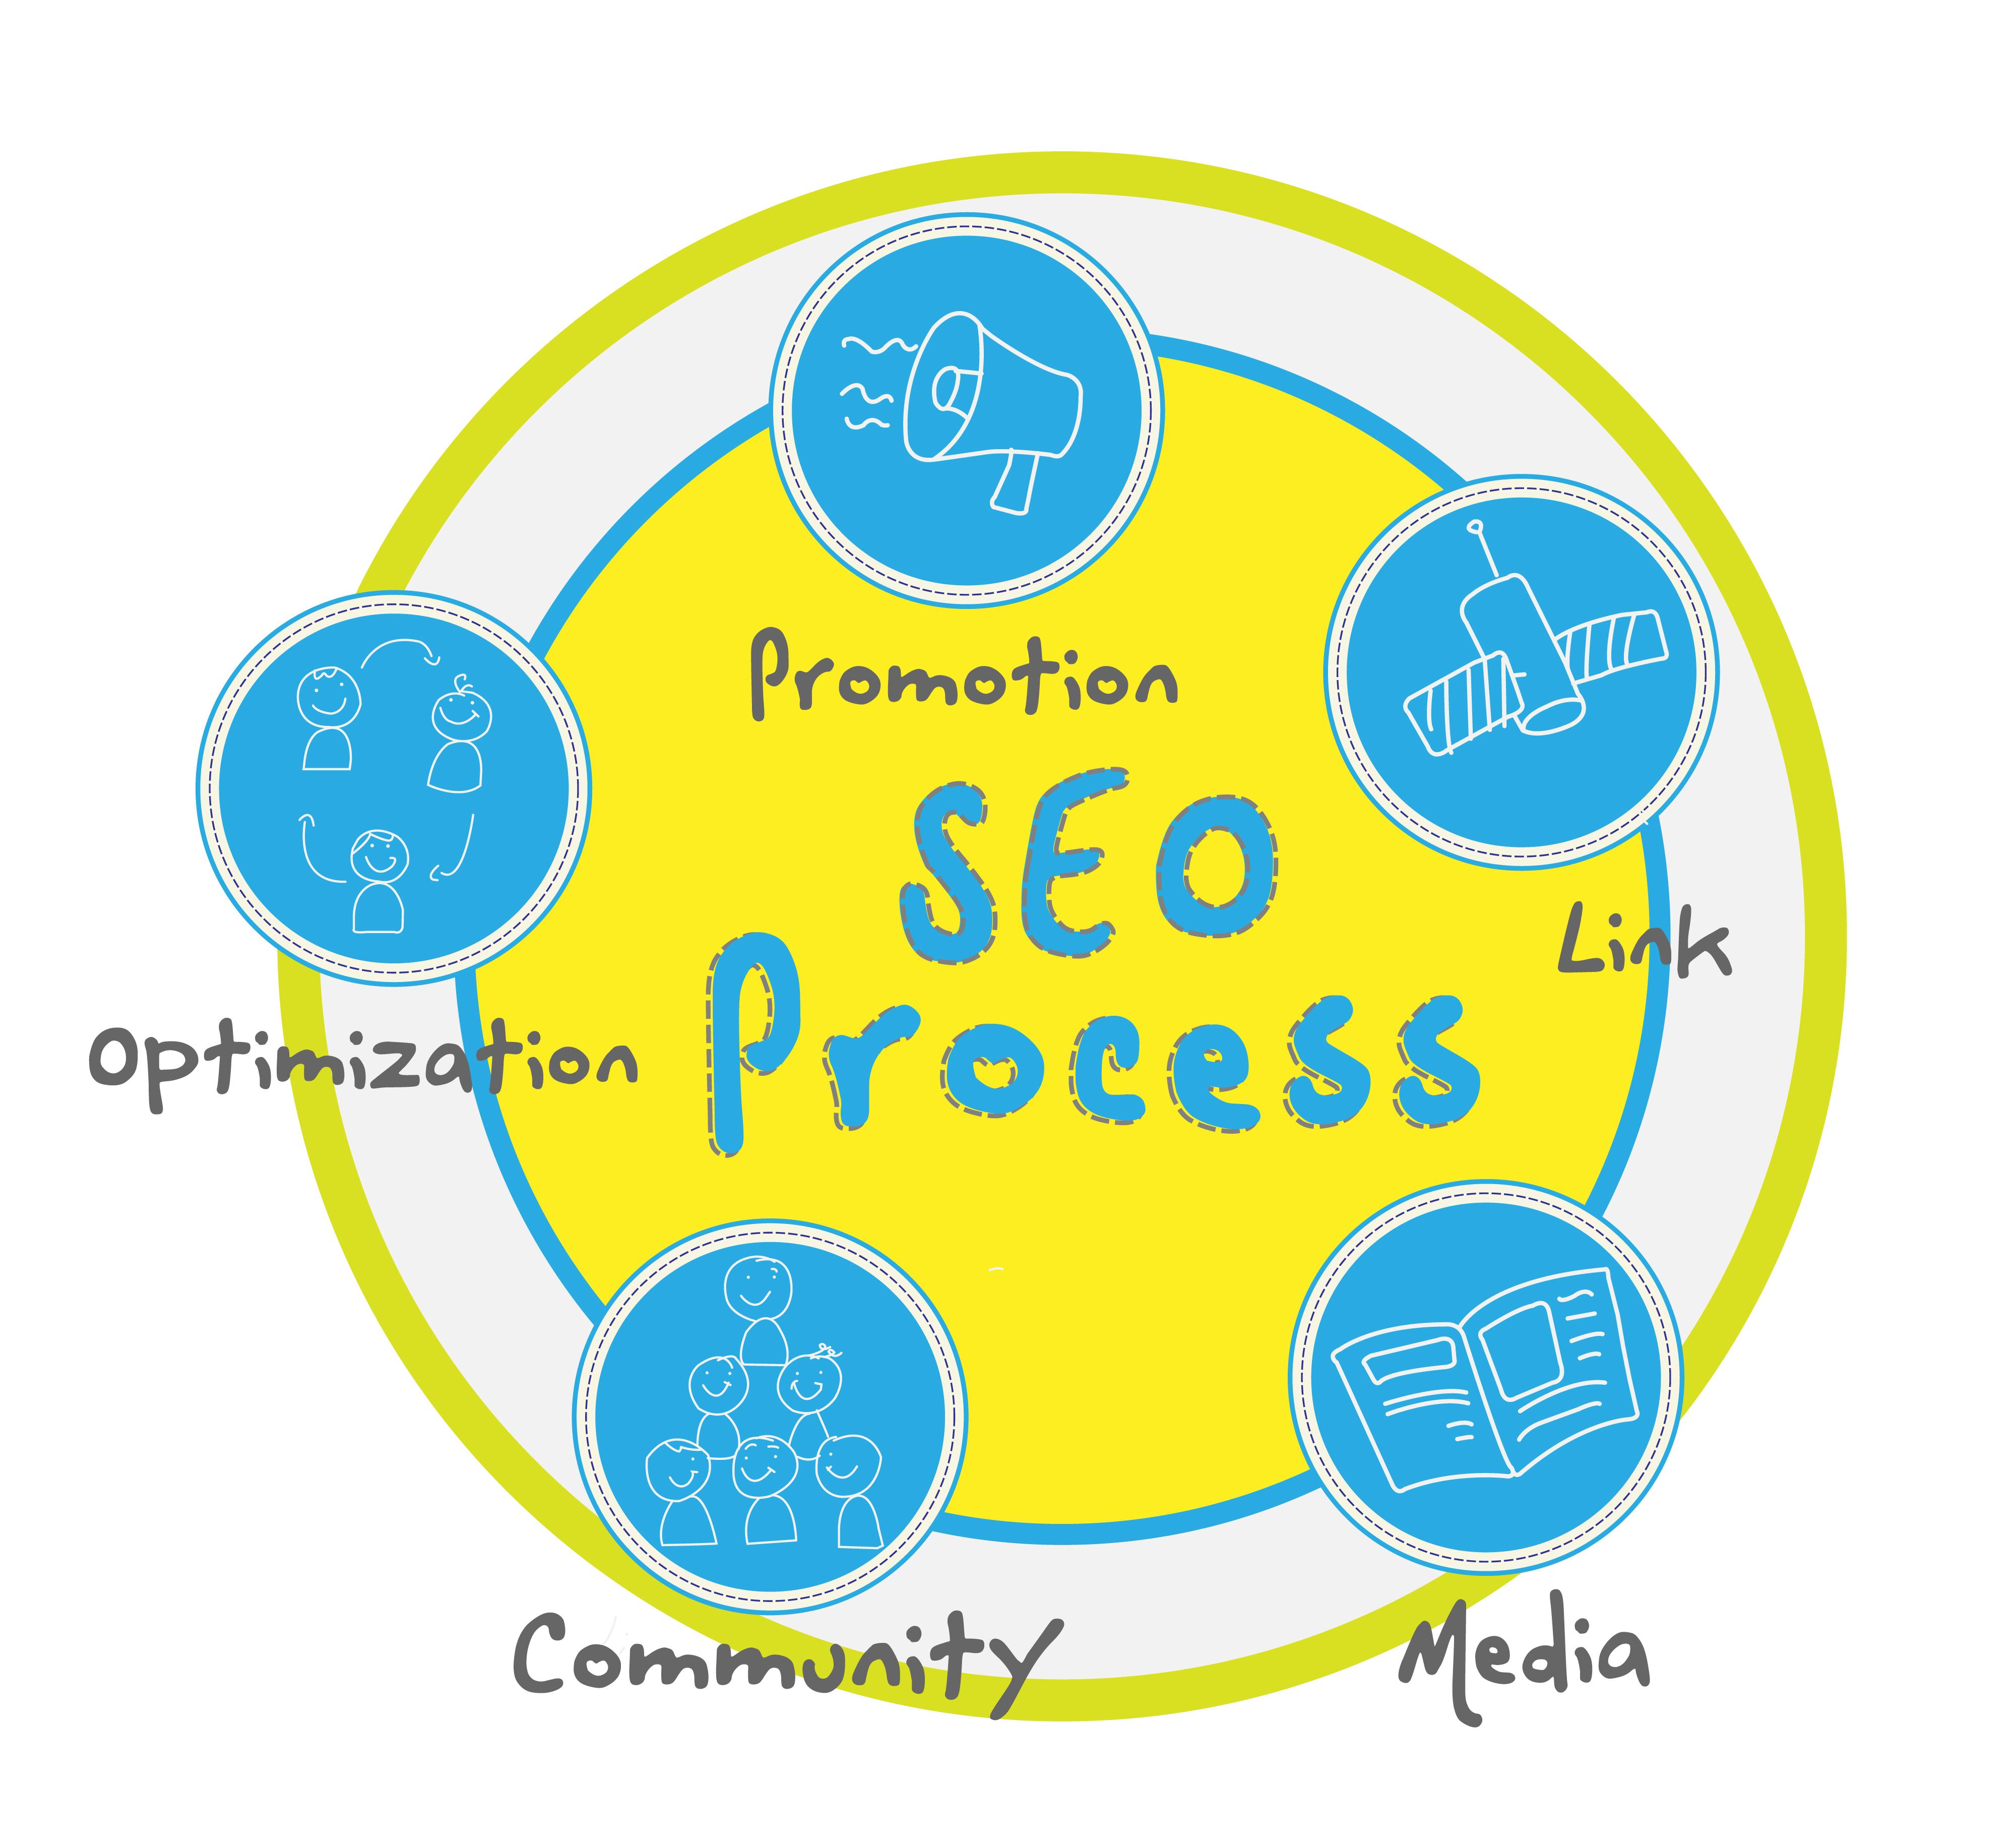 中小企业网络营销